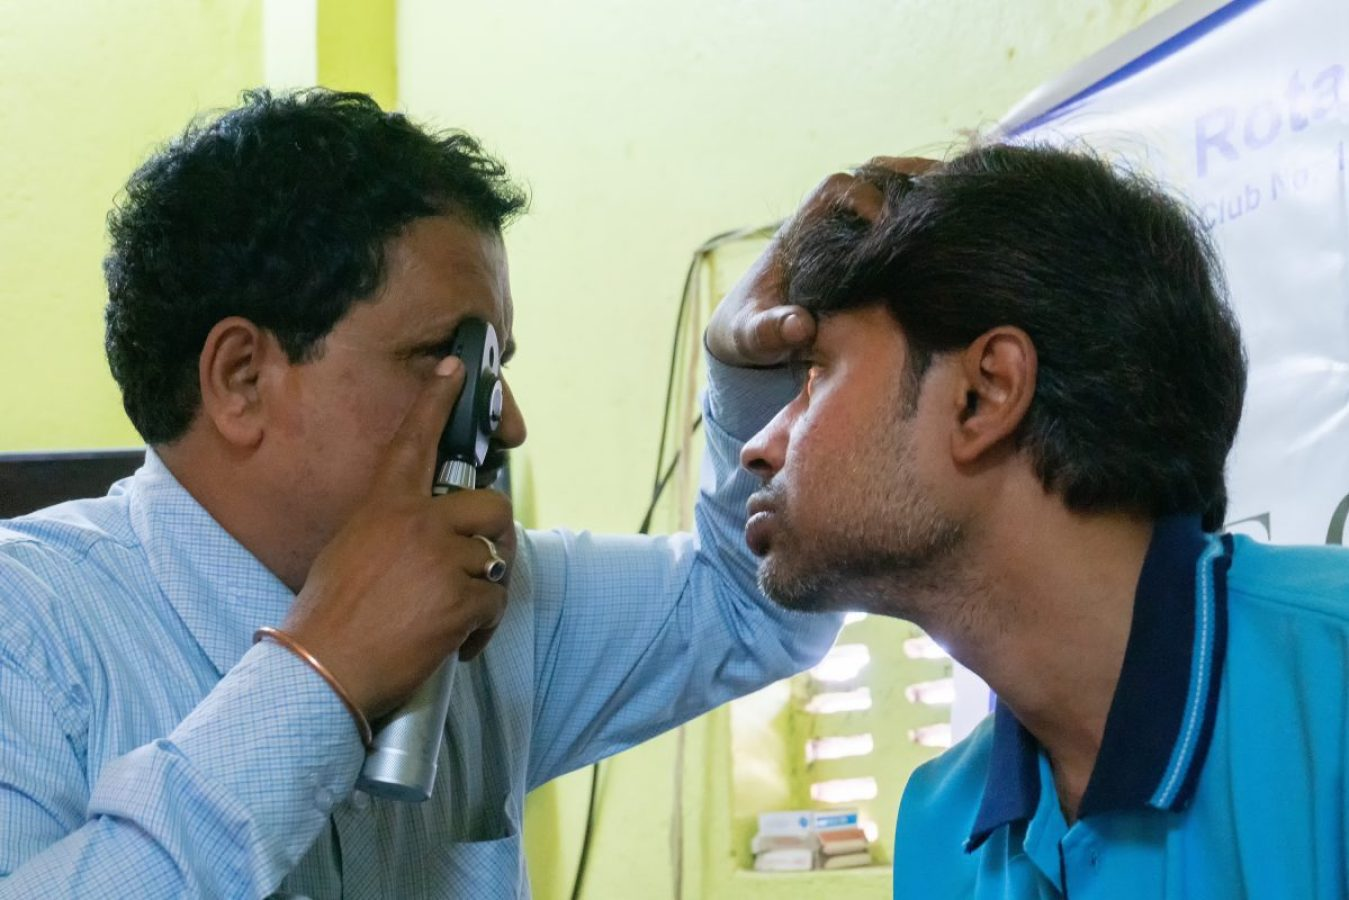 Image credit: Rudra Narayan Mitra / 123rf. Concept: eye exam to tackle vision loss and visual impairment